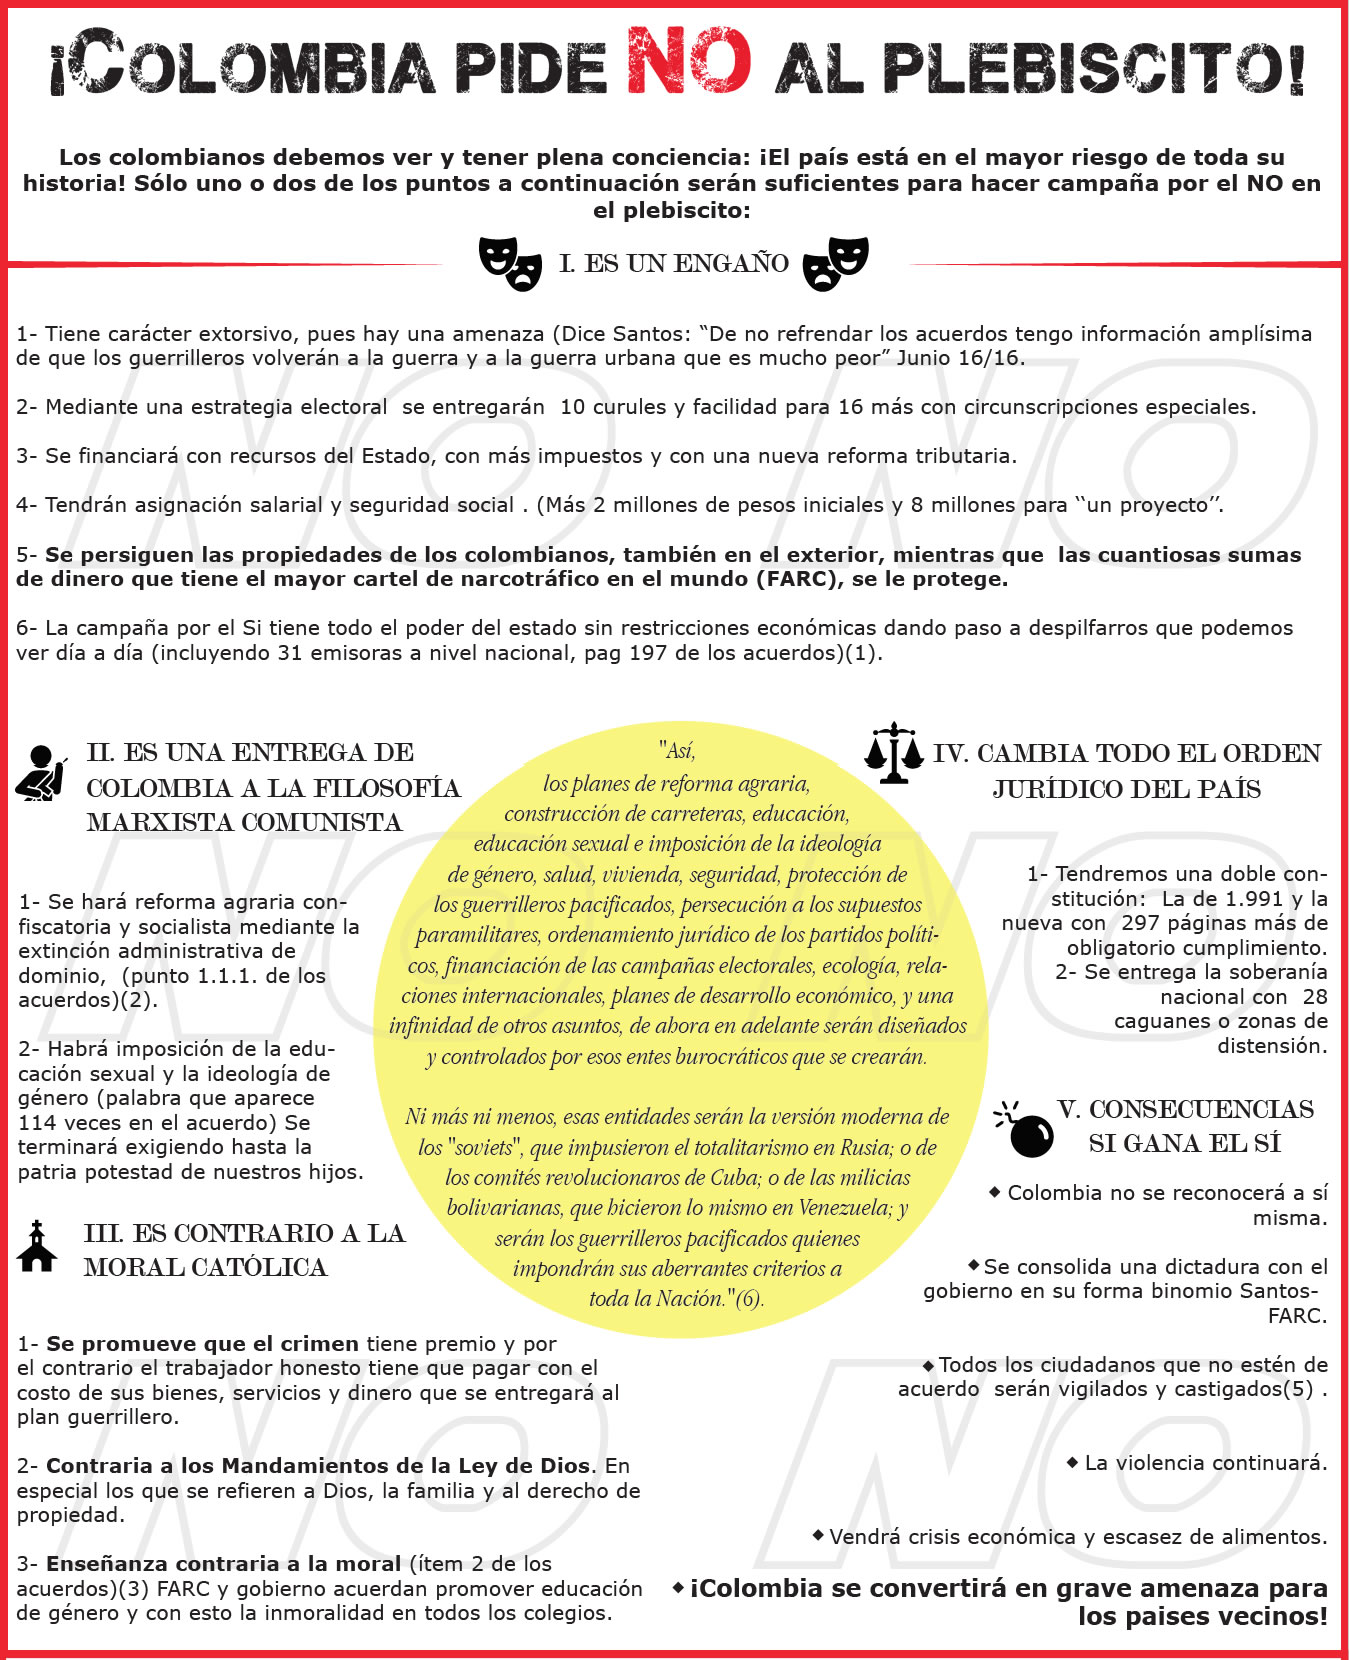 ¡Colombia pide NO al plebiscito!